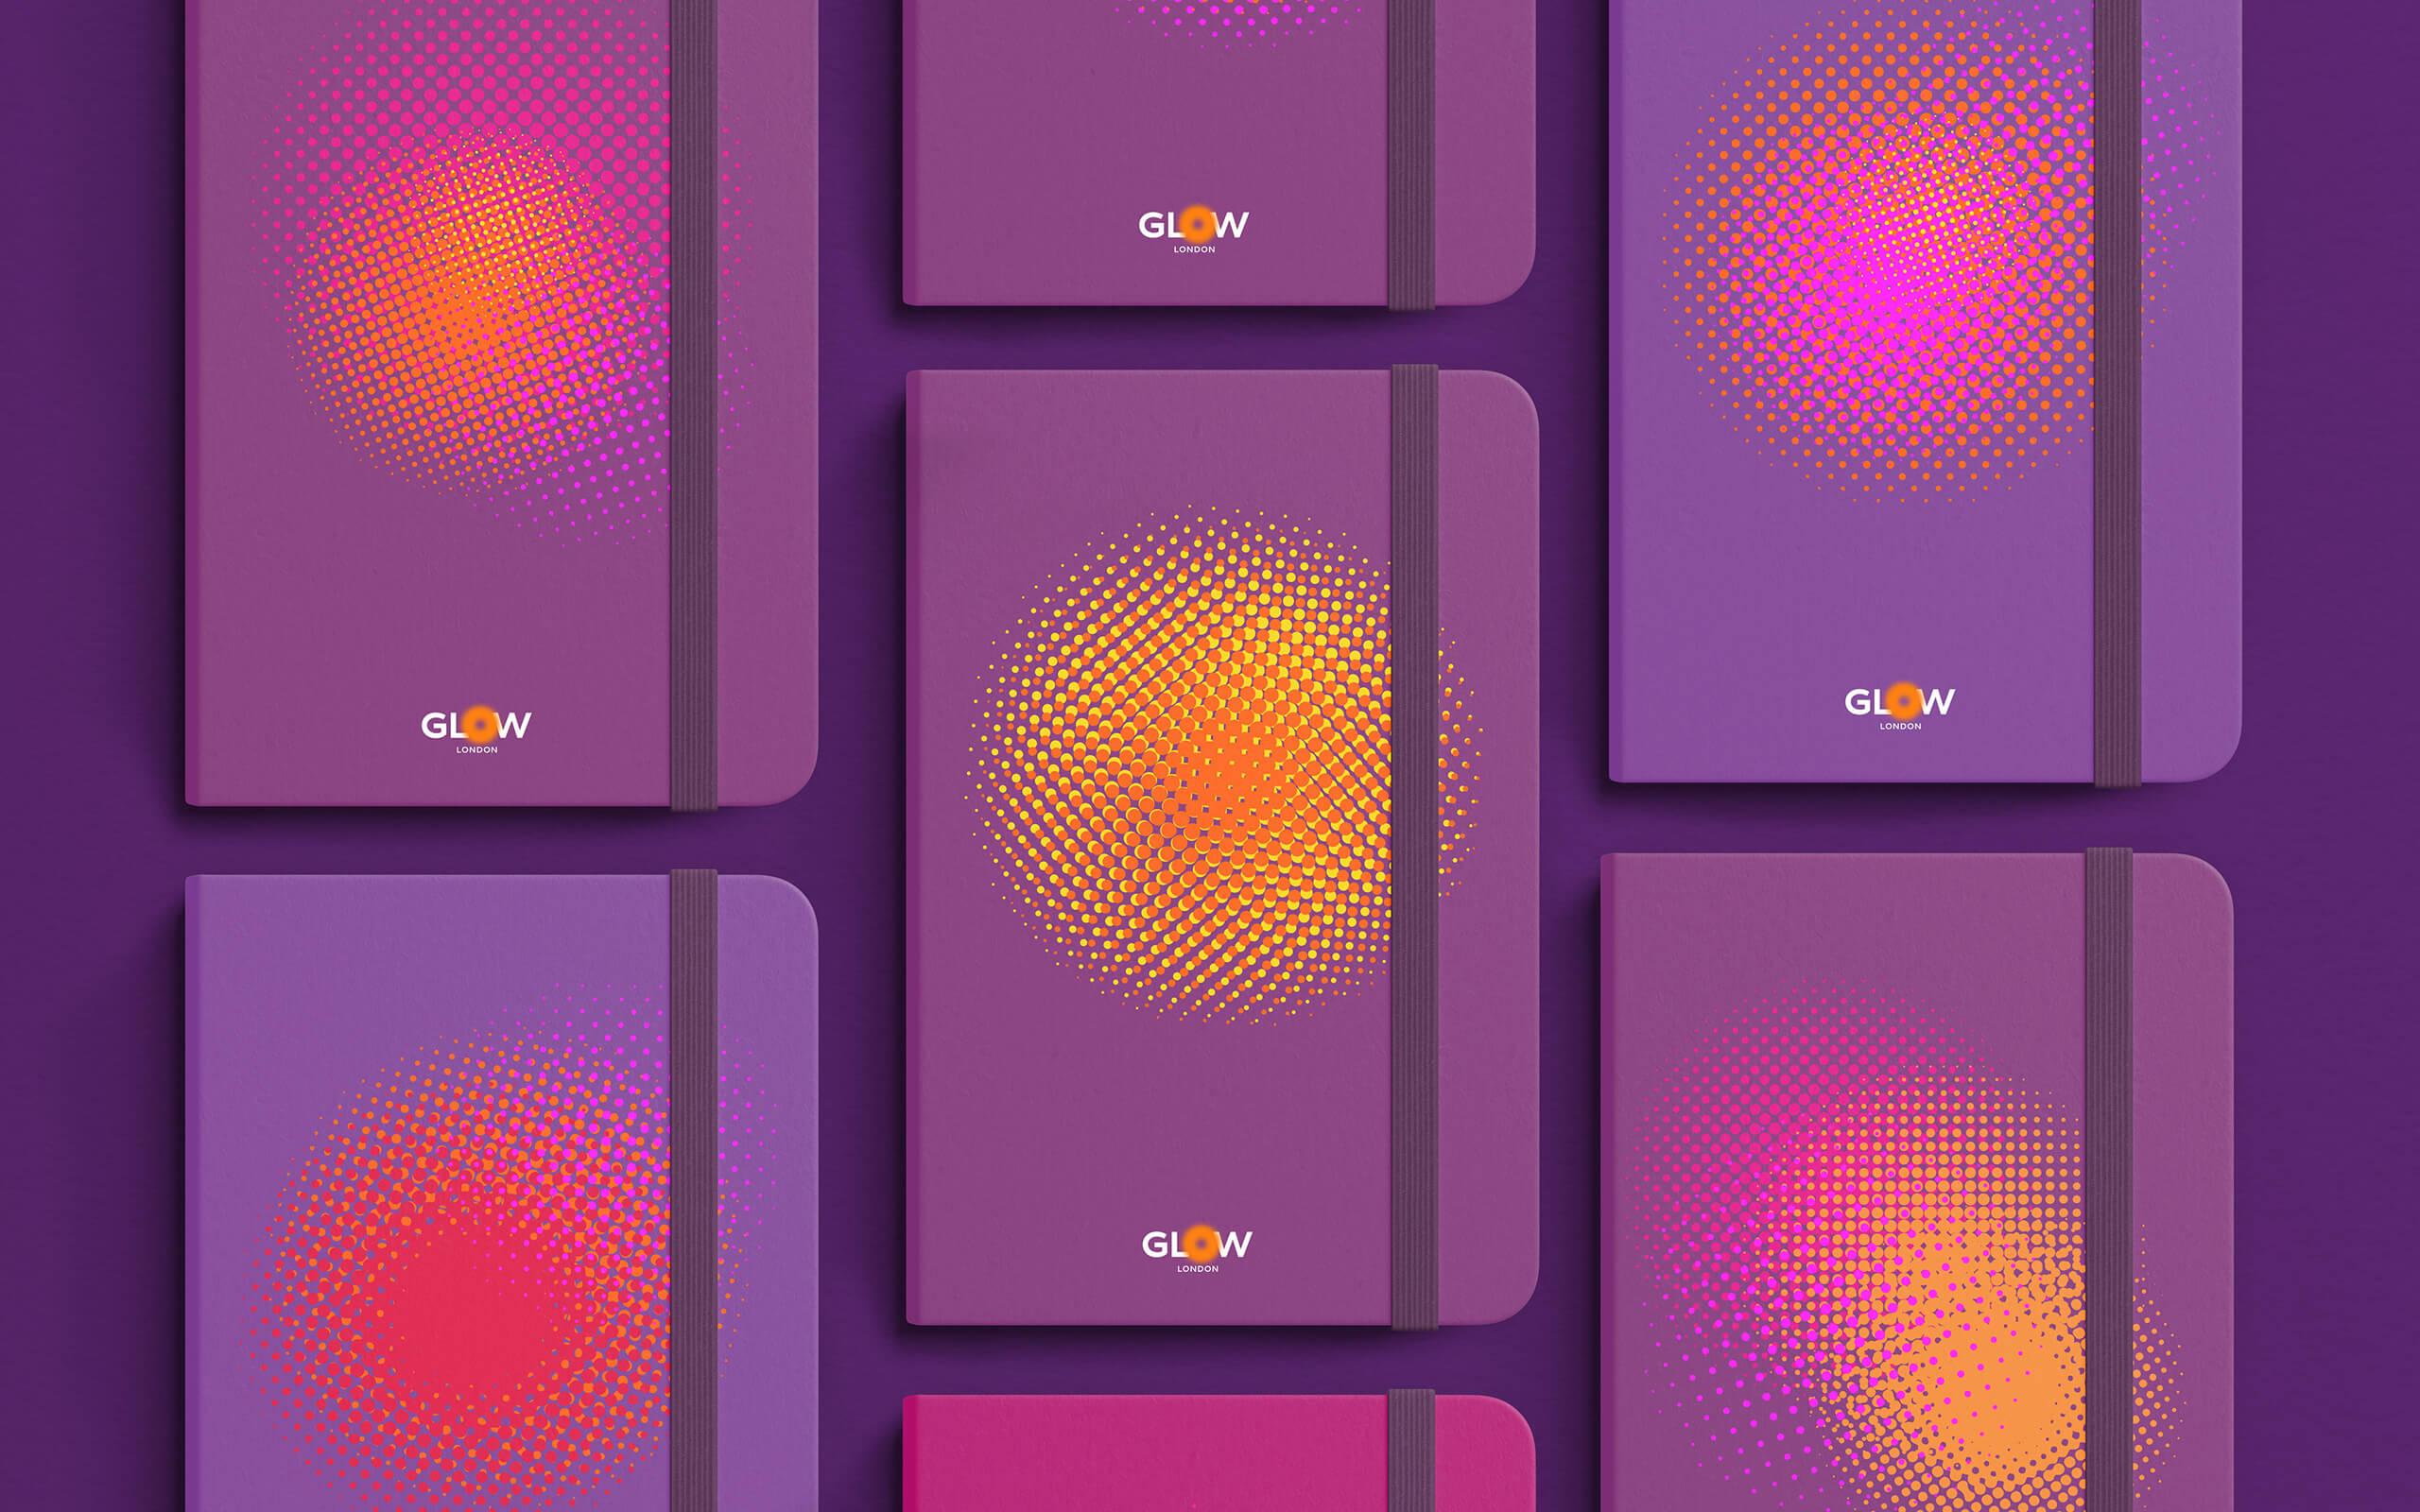 Taller Design Evolves Identity for Brand Agency Glow London